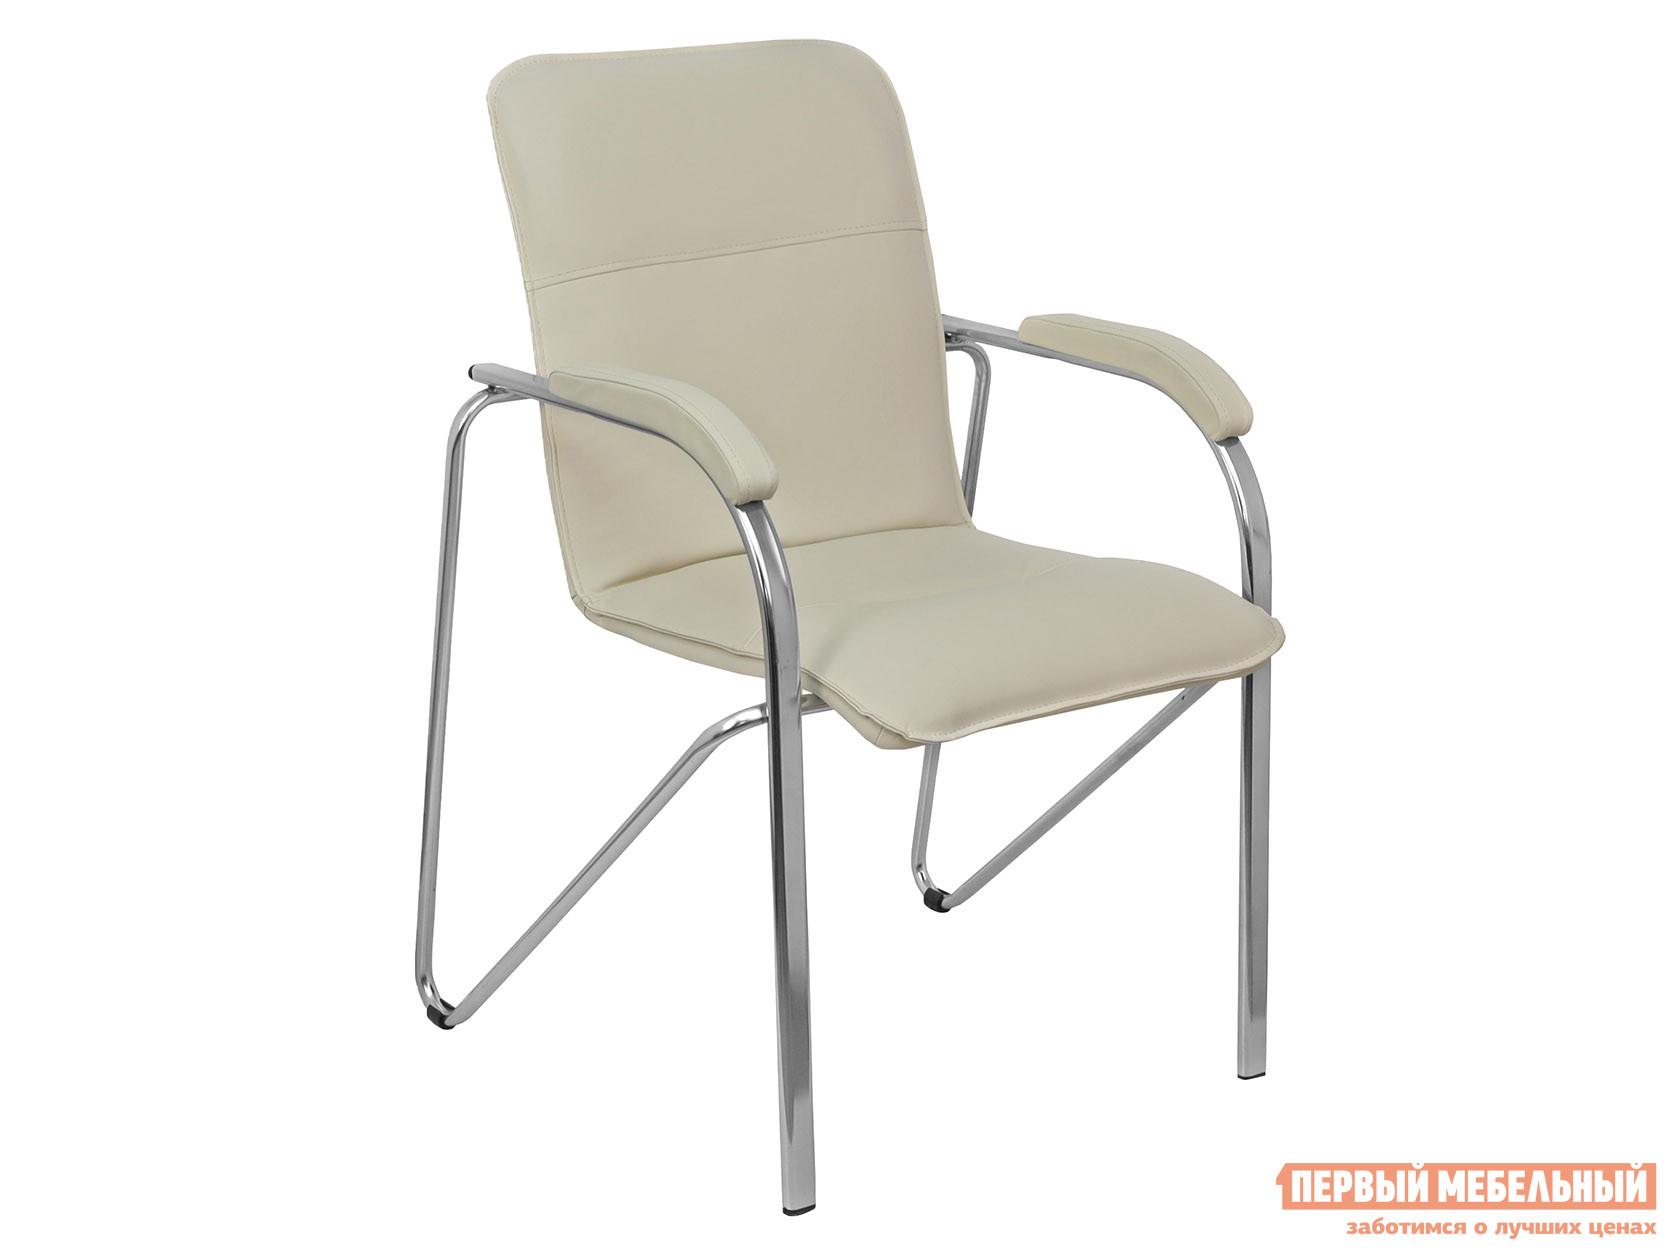 Офисный стул  SAMBA AKS-1 Кремовый, экокожа, Мягкие Базистрейд 137649